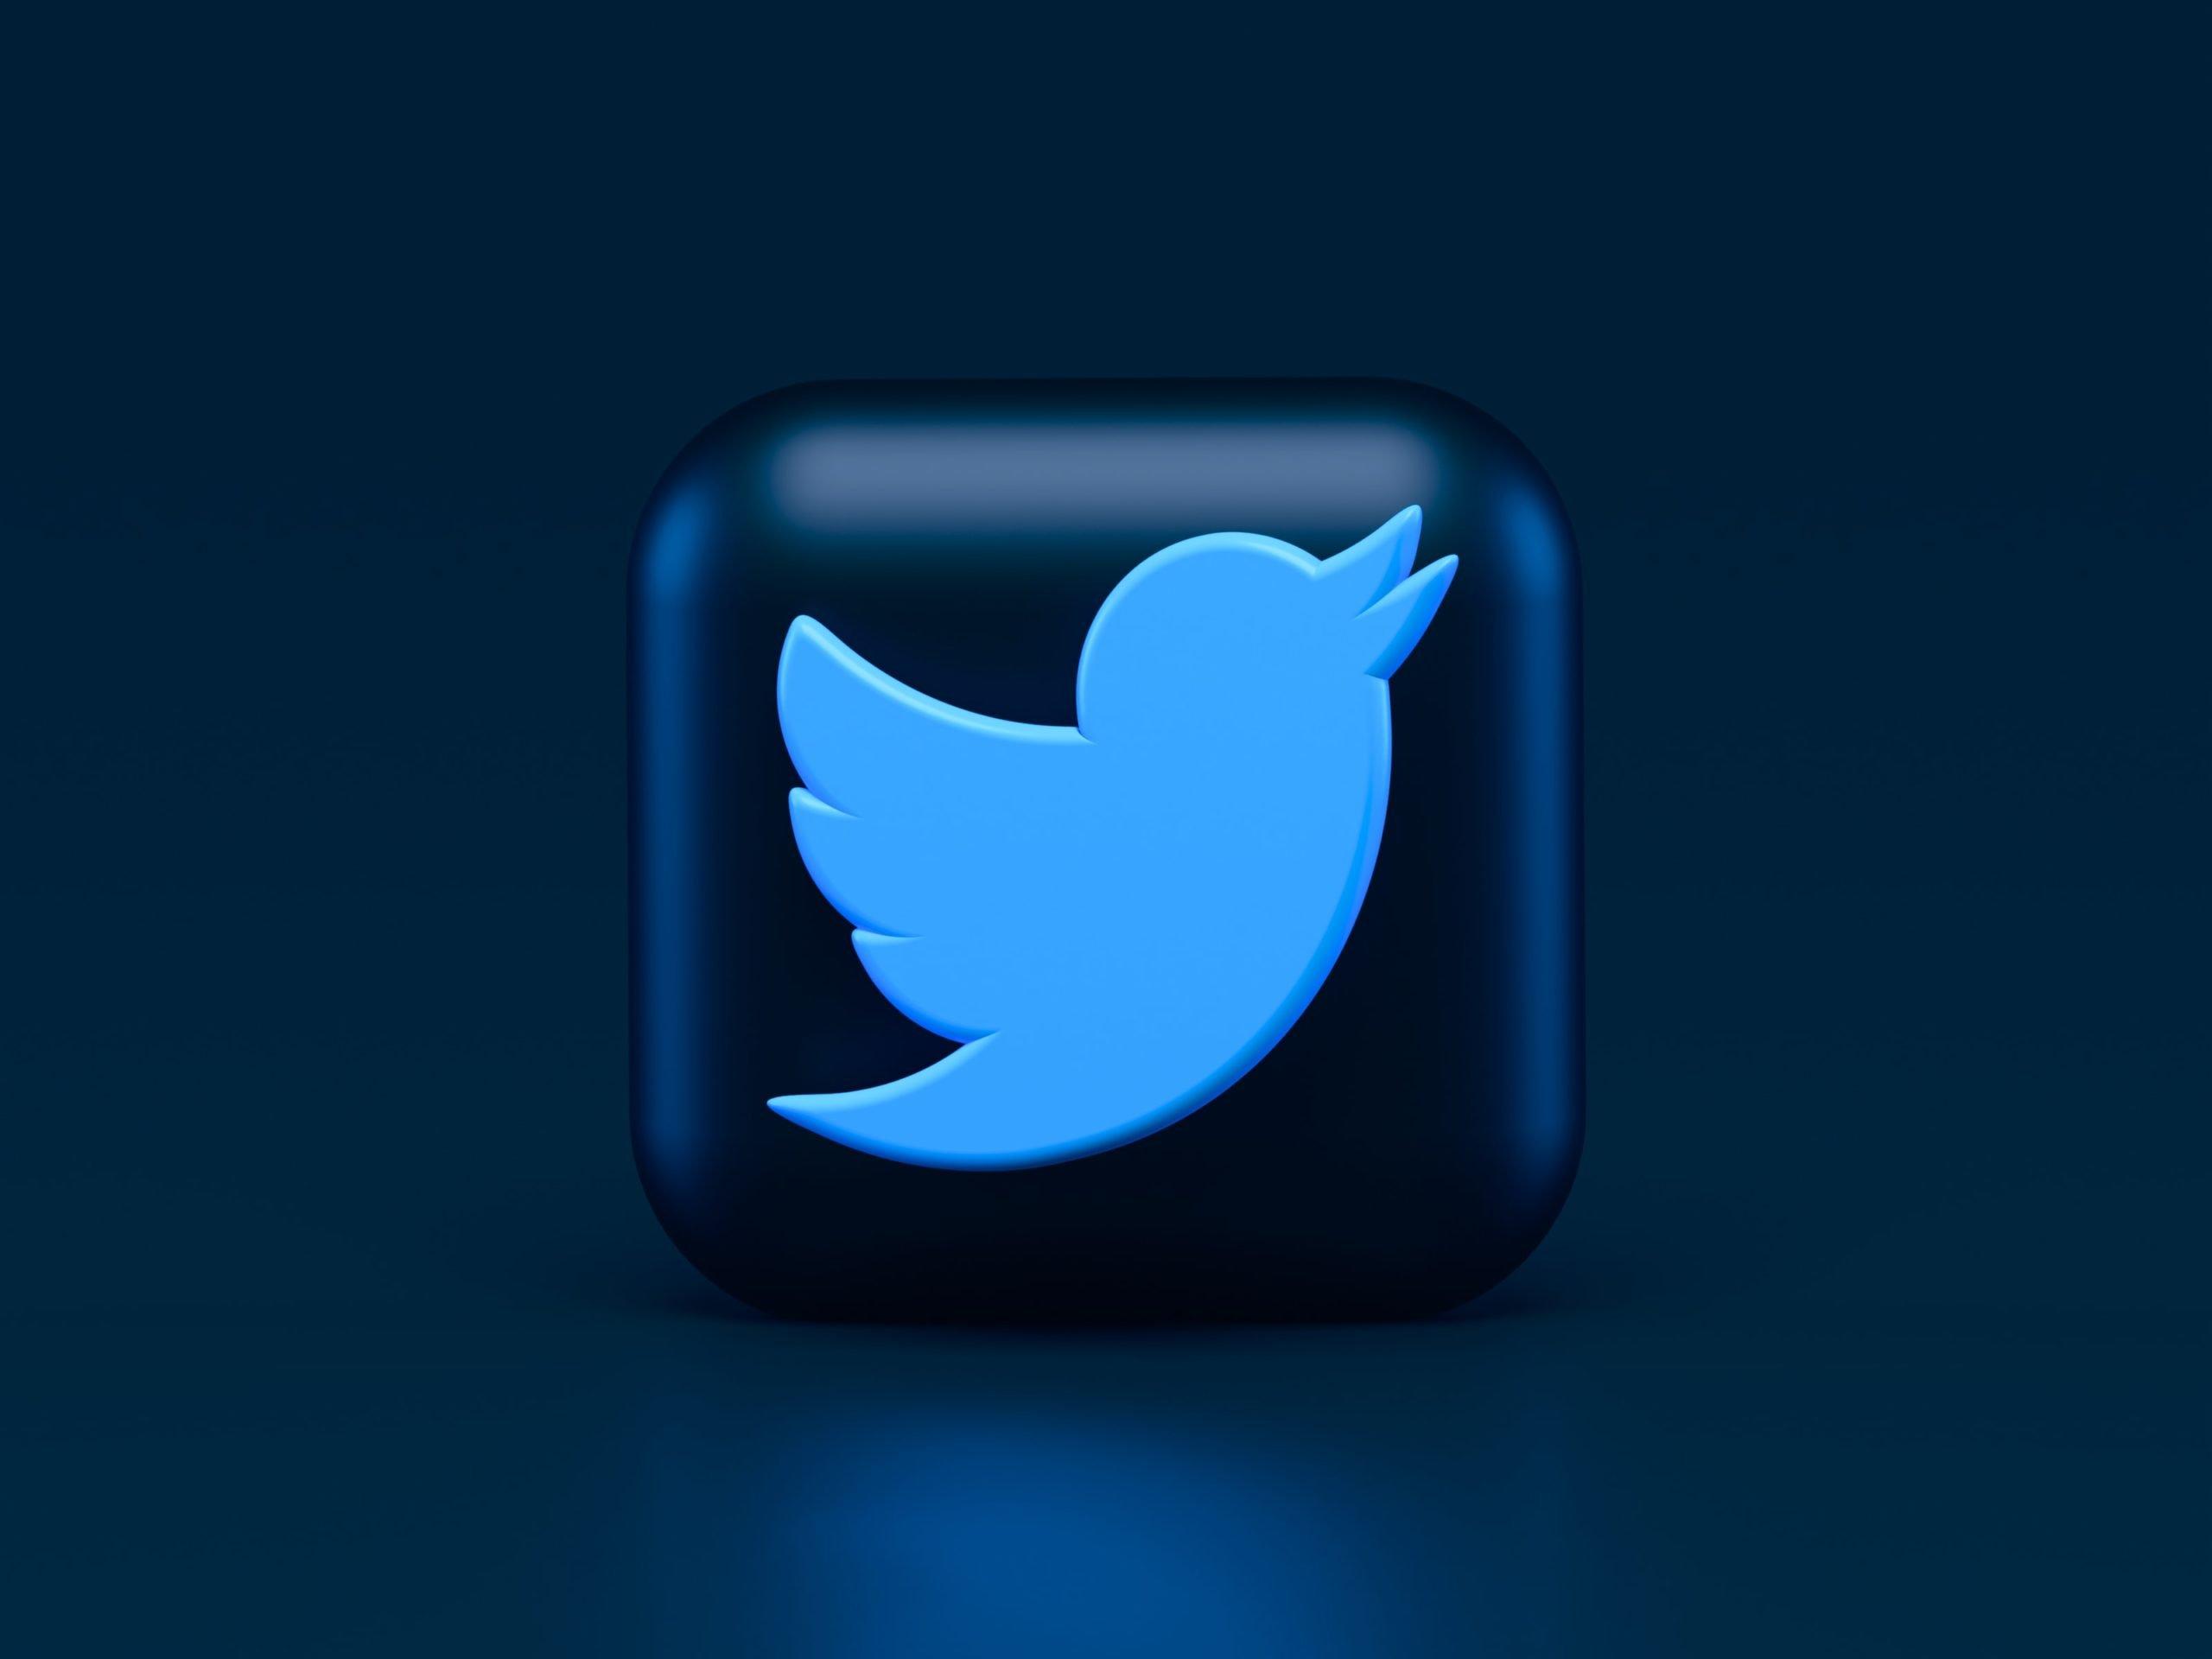 Le premier tweet de l'histoire mis en vente comme oeuvre d'art numérique - Journal du geek